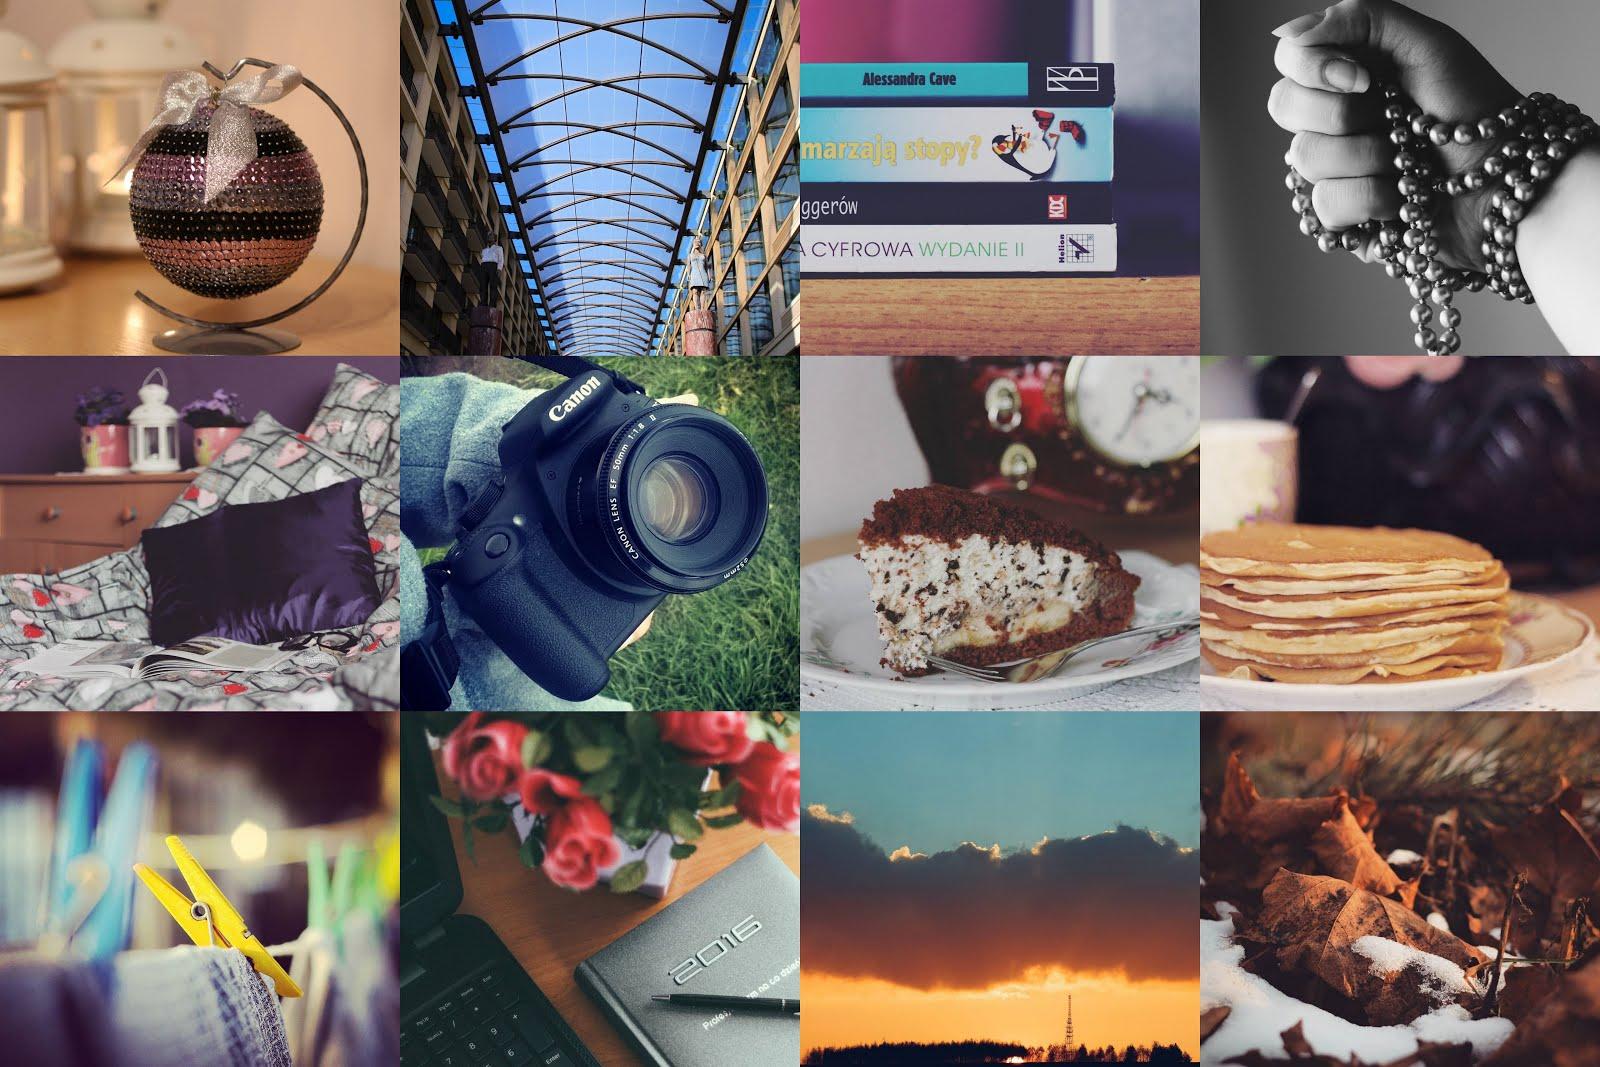 Instagram: 10 kreatywnych pomysłów na zdjęcia - Ilona Kasprzycka   LIFESTYLE BLOG